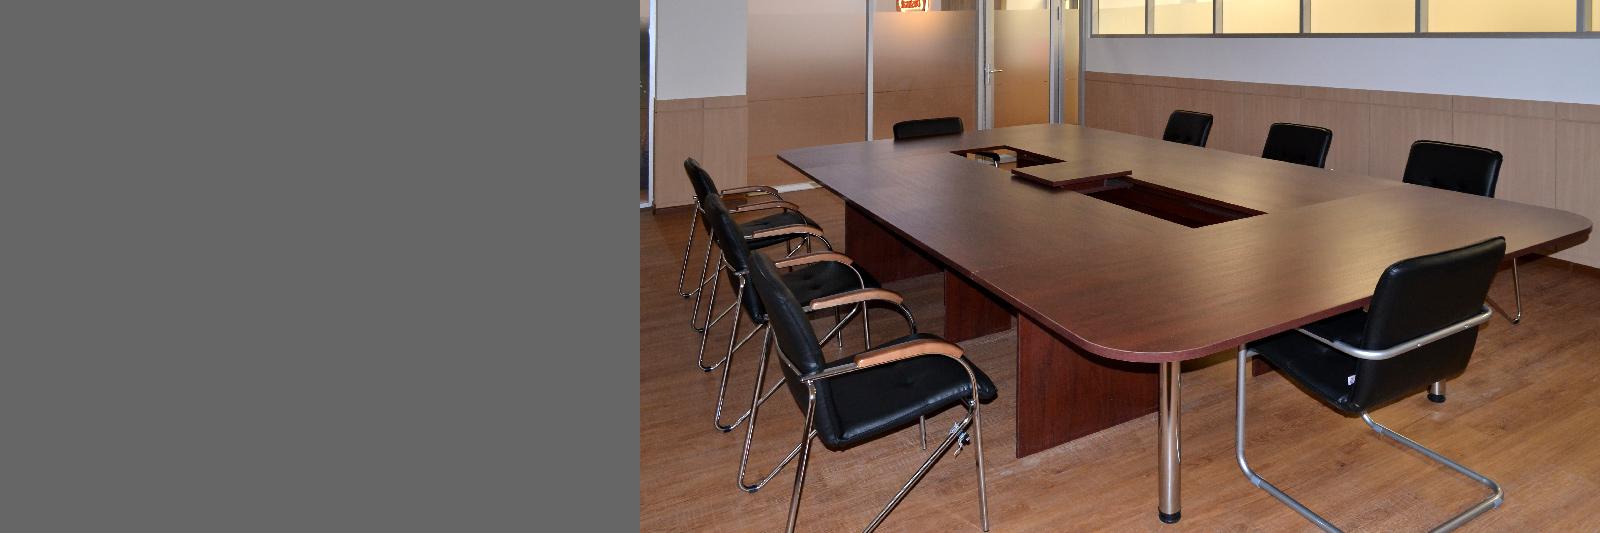 Стол для переговоров по индивидуальному заказу с передвижной платформой